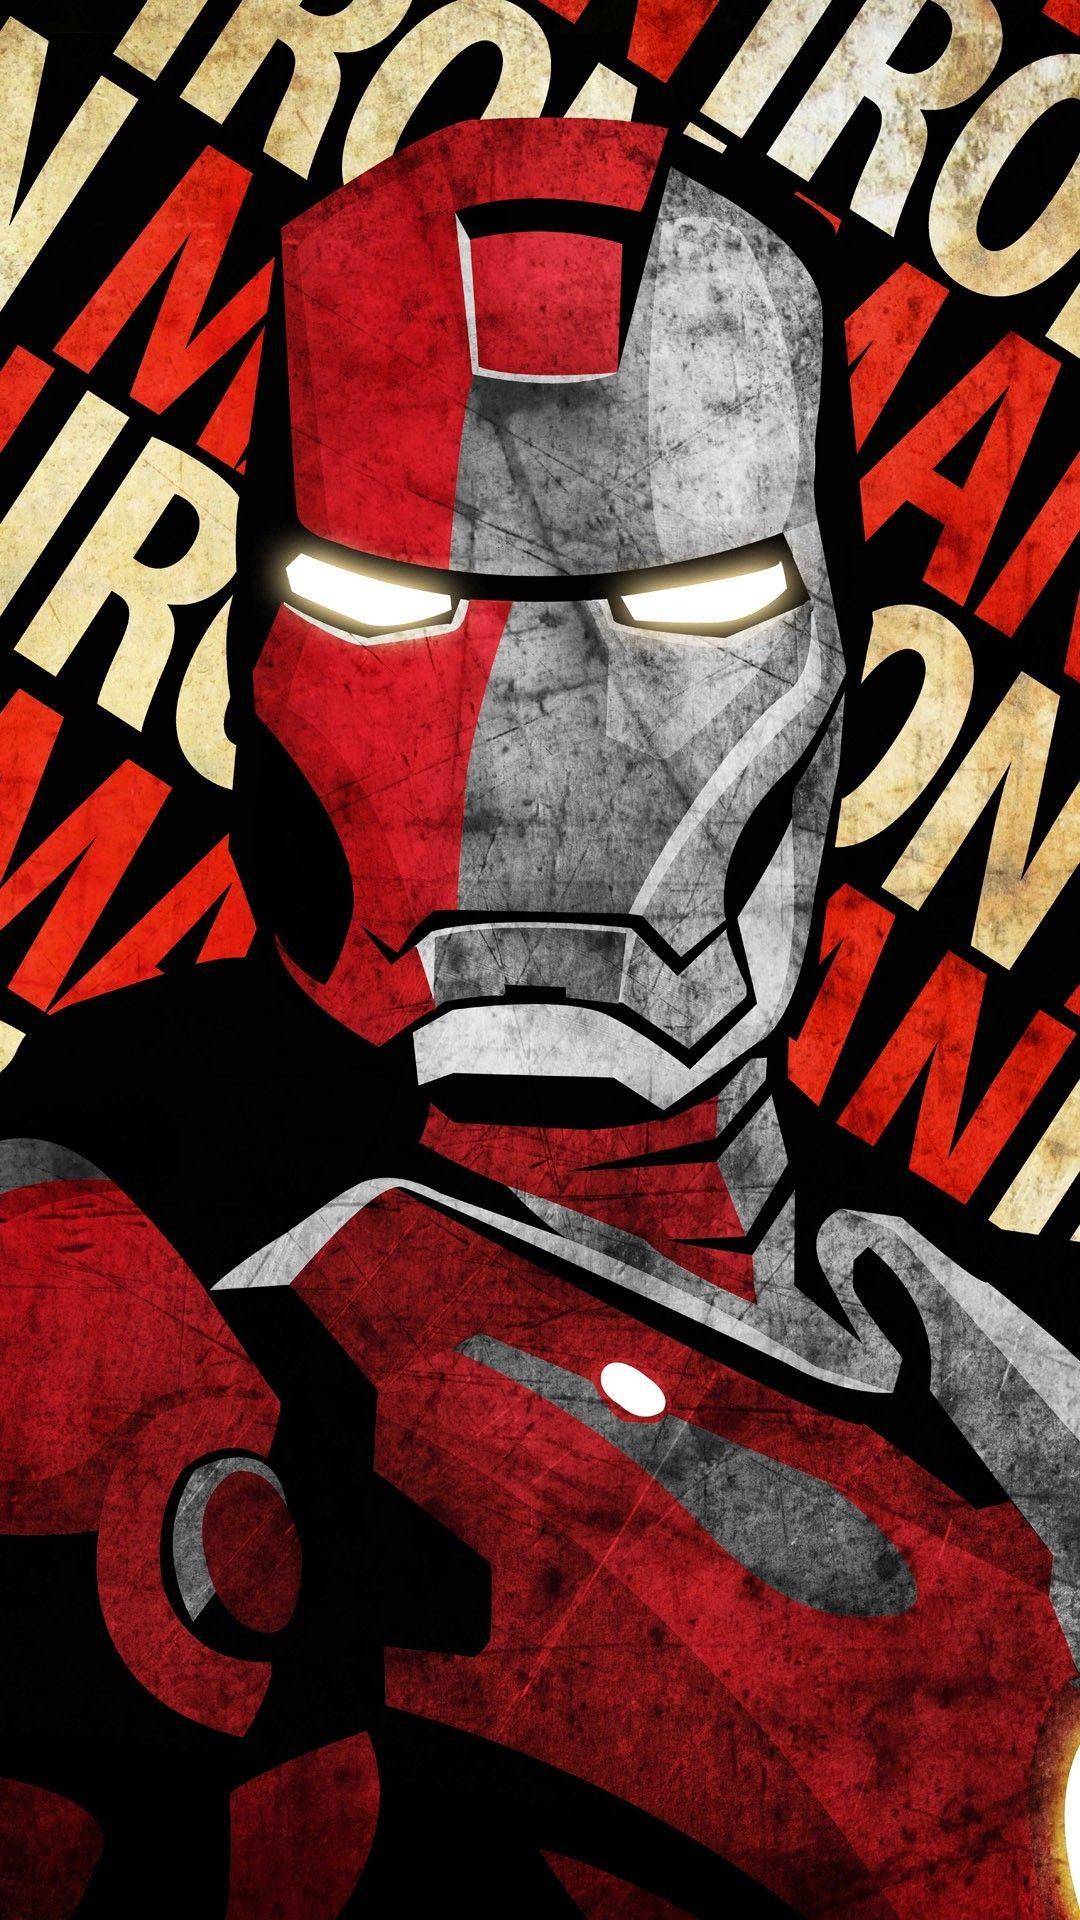 Iron Man Wallpaper 34447: Iron Man HD Wallpapers Backgrounds Wallpaper